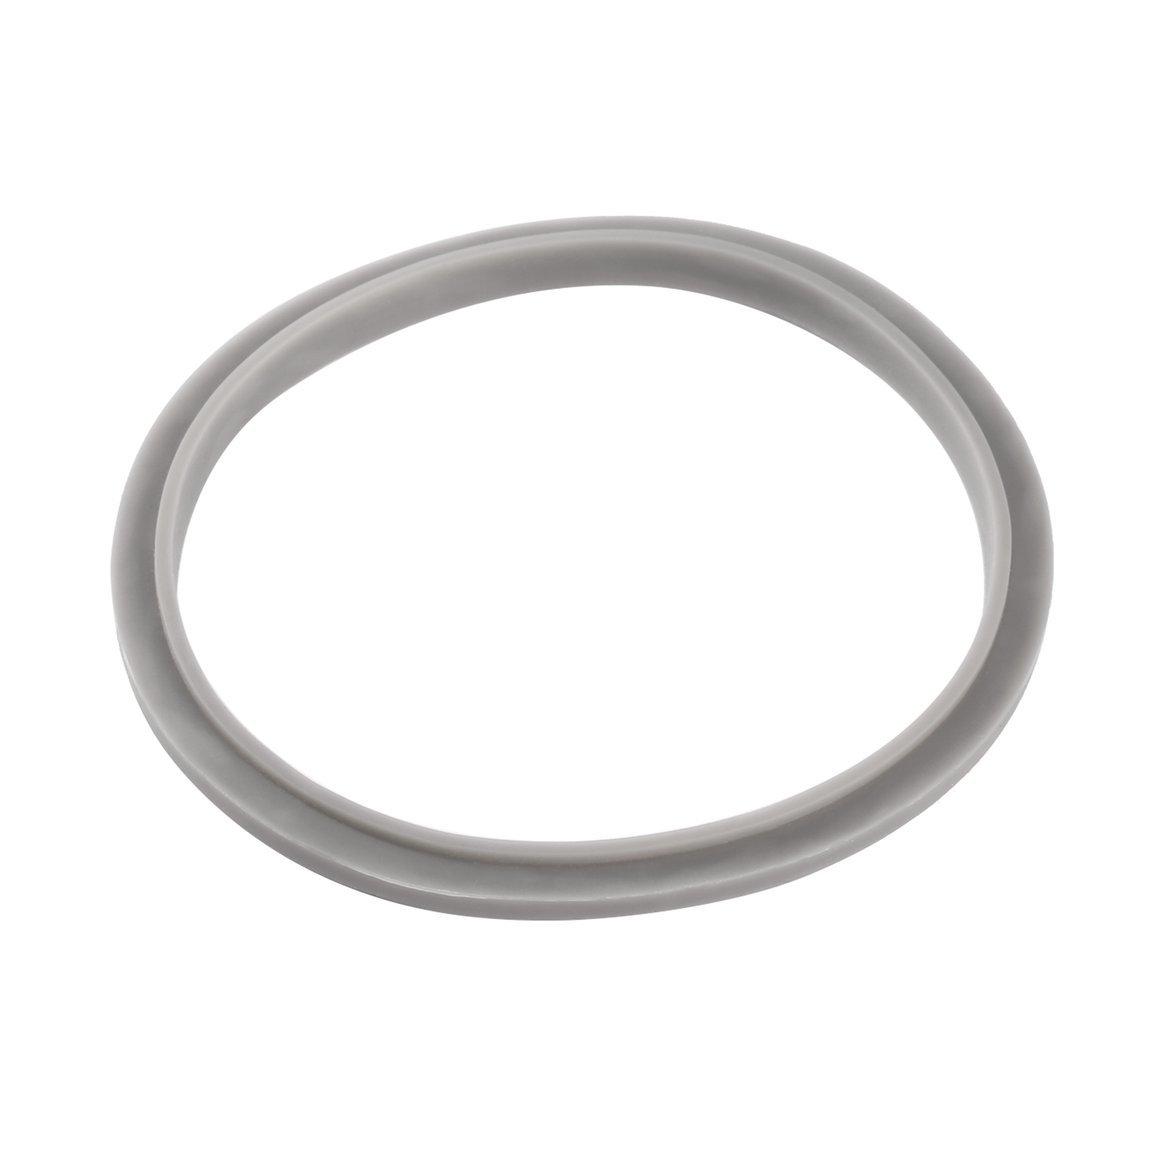 900W / 600W Gomma siliconica a forma di O Guarnizioni di ricambio per guarnizioni di ricambio Parti per miscelatore di spremiagrumi Nutri-bullet Blender - Grigio Delicacydex